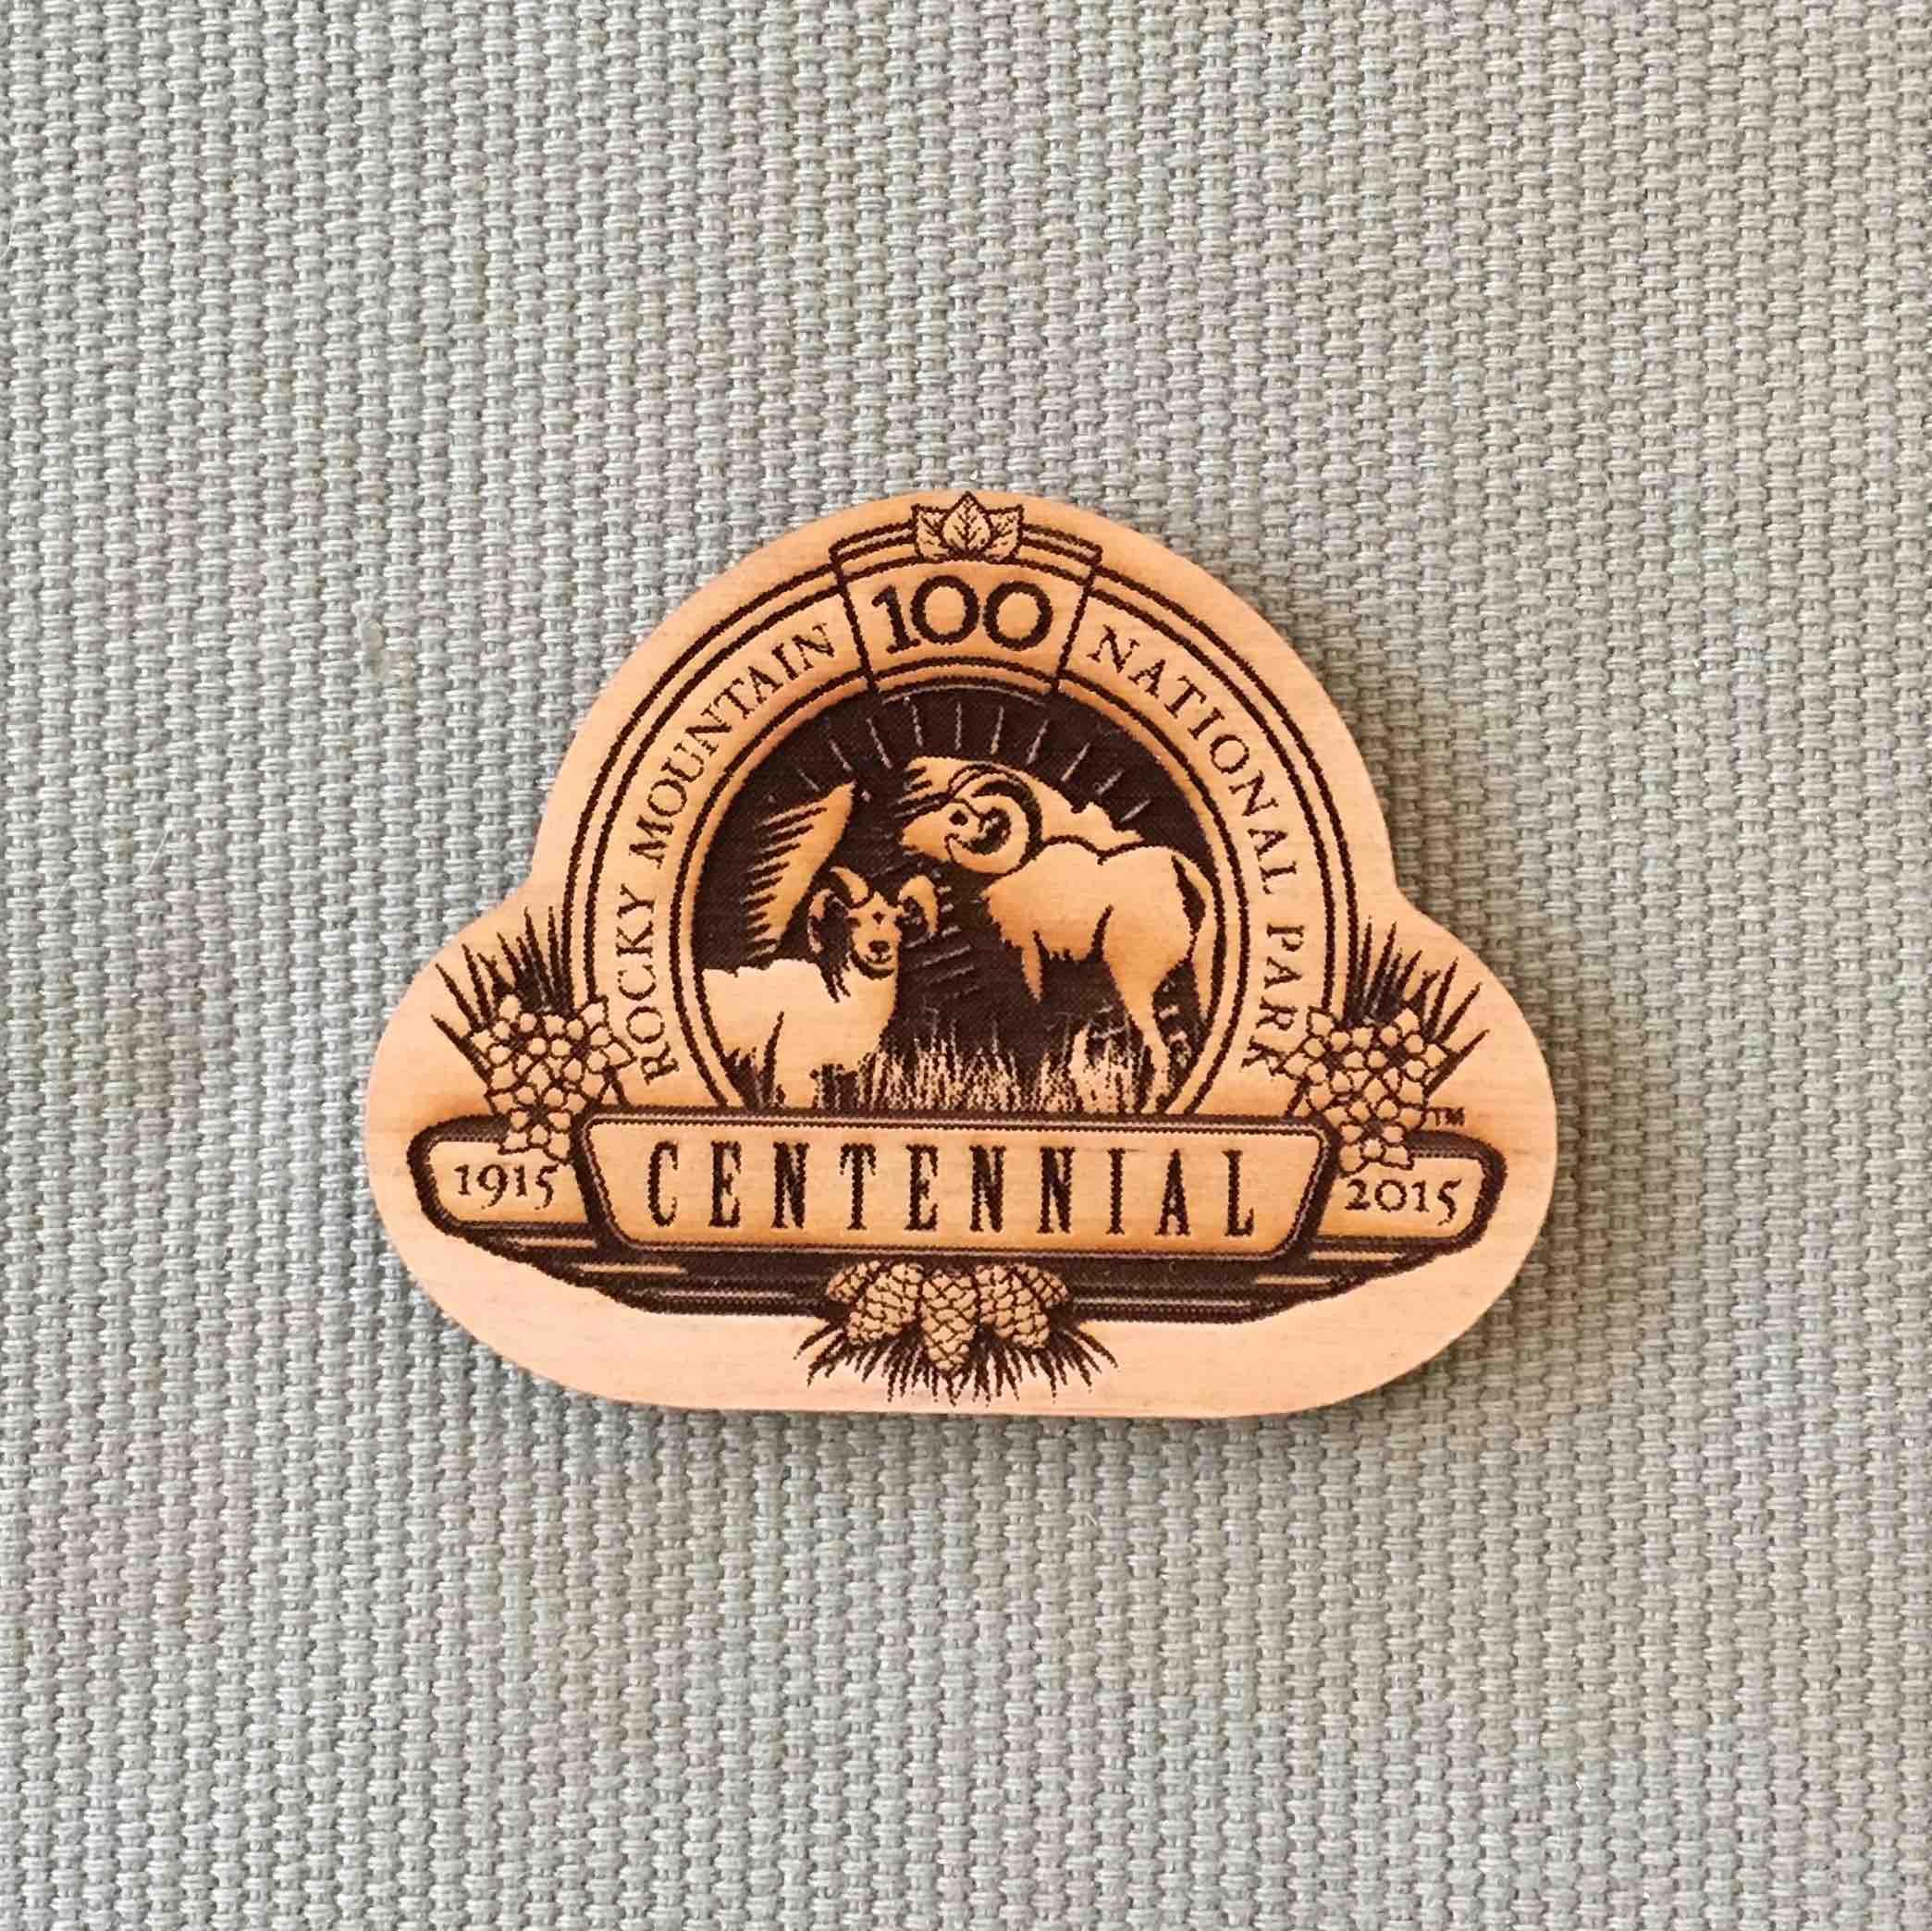 RMNP Centennial Magnet